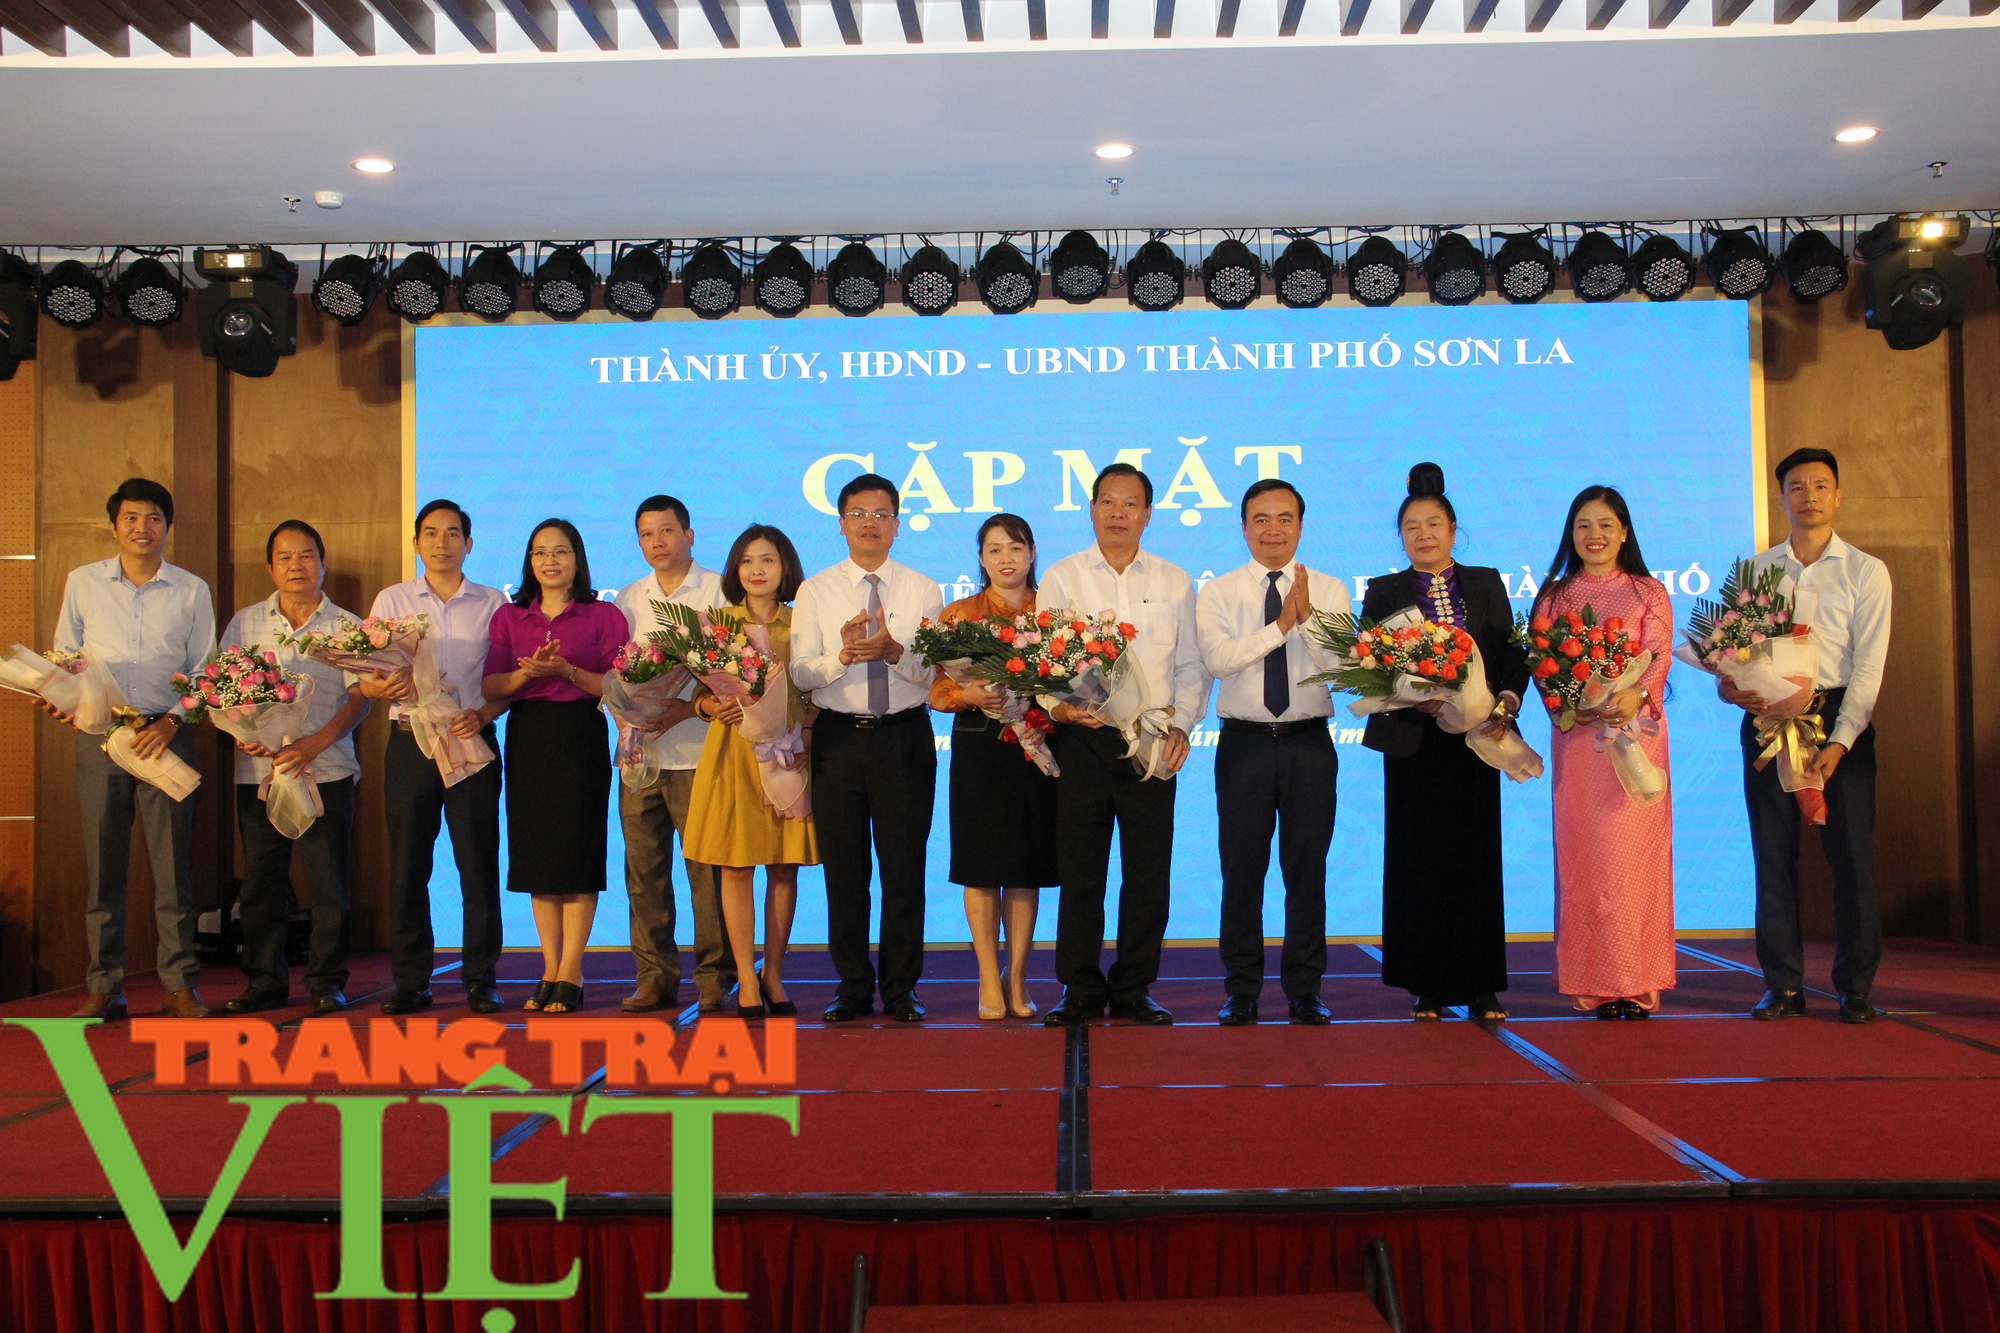 TP. Sơn La thực hiện thu ngân sách, xây dựng và phát triển đô thị - Ảnh 3.